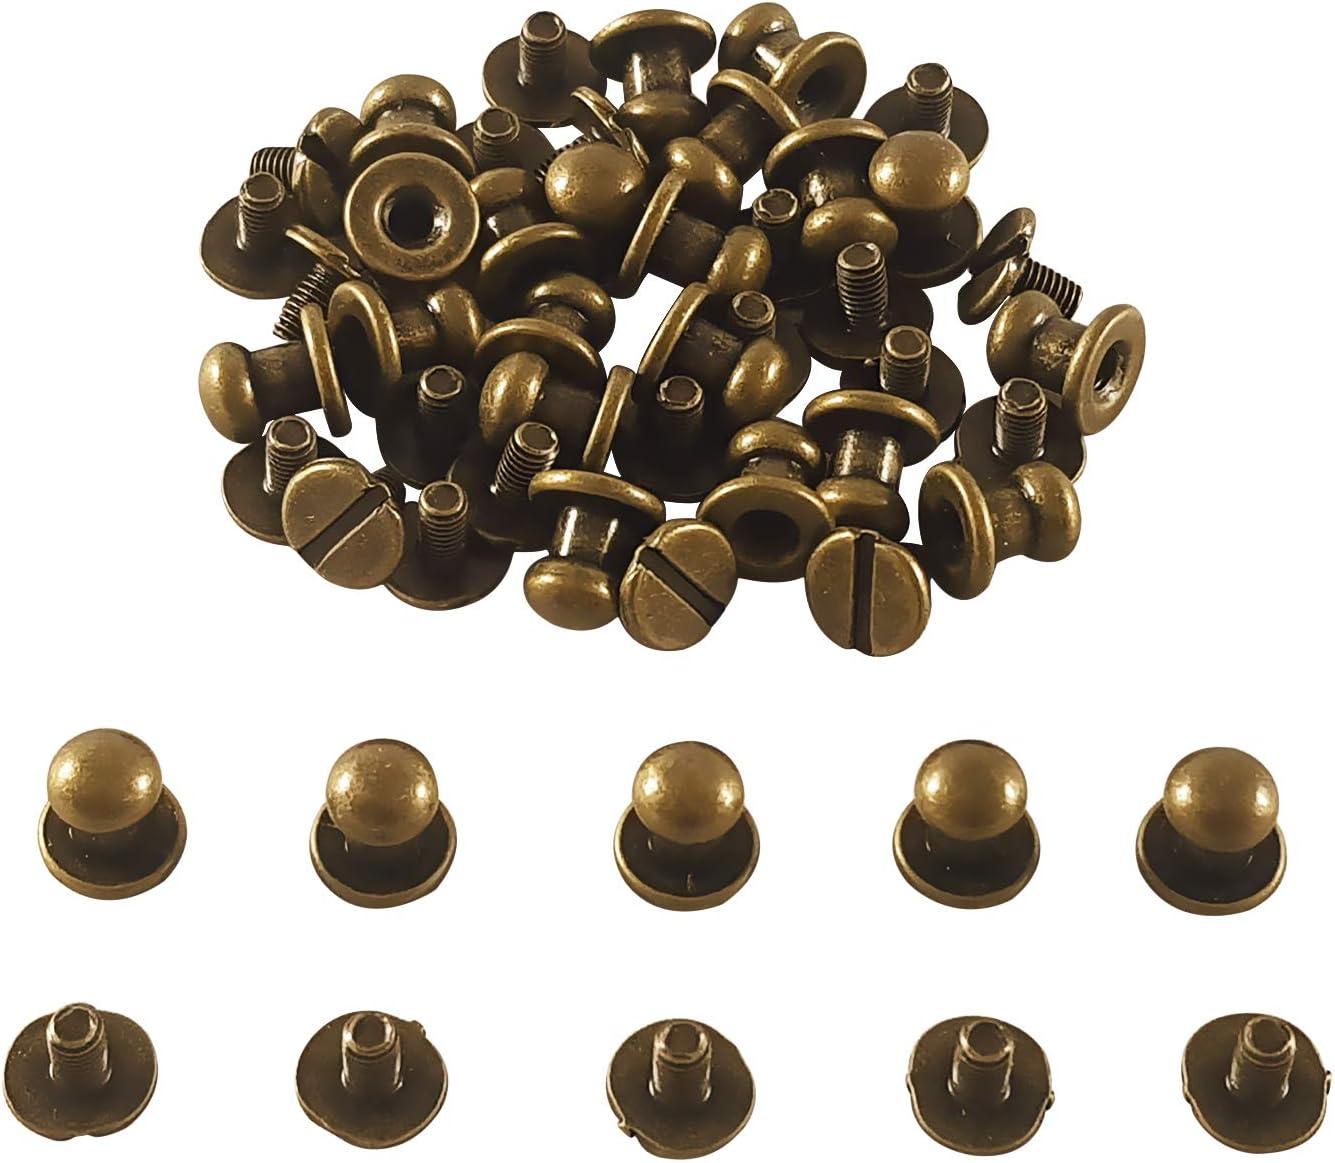 CZ Store- Botón de remache|Juego de 25 Unidades|✮✮Garantía de por vida✮✮-Botón de remache redondo|Tamaño 6X8MM|Botón de bronce para remache de cuero / Cinturón / Zapatos / Pantalones (25)